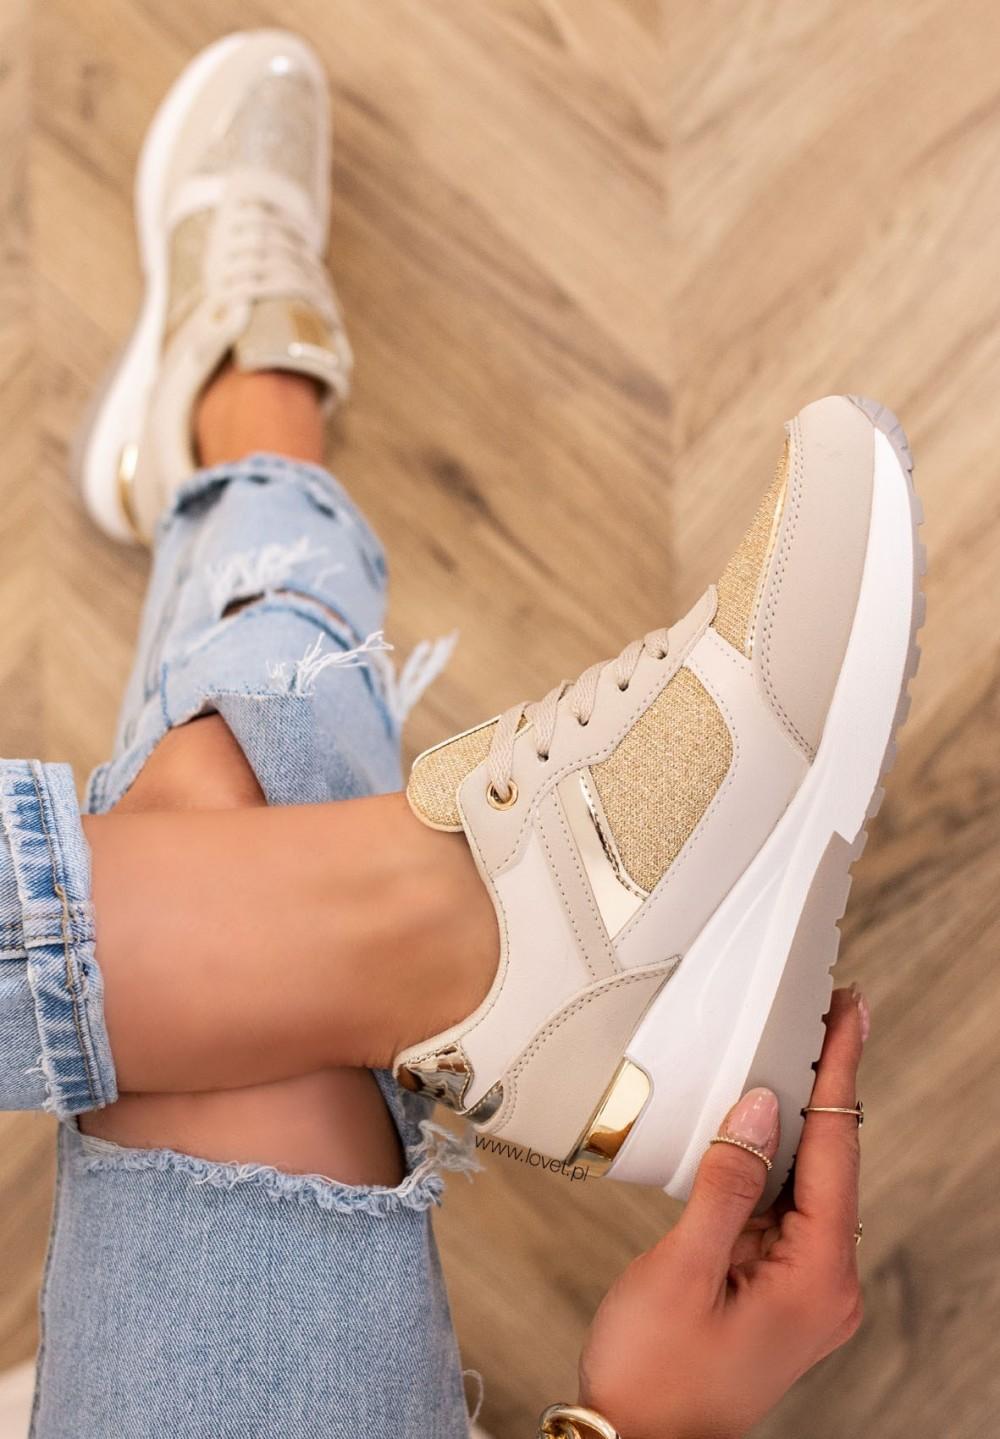 Trampki Sneakersy Brokatowe Beżowe Bohos